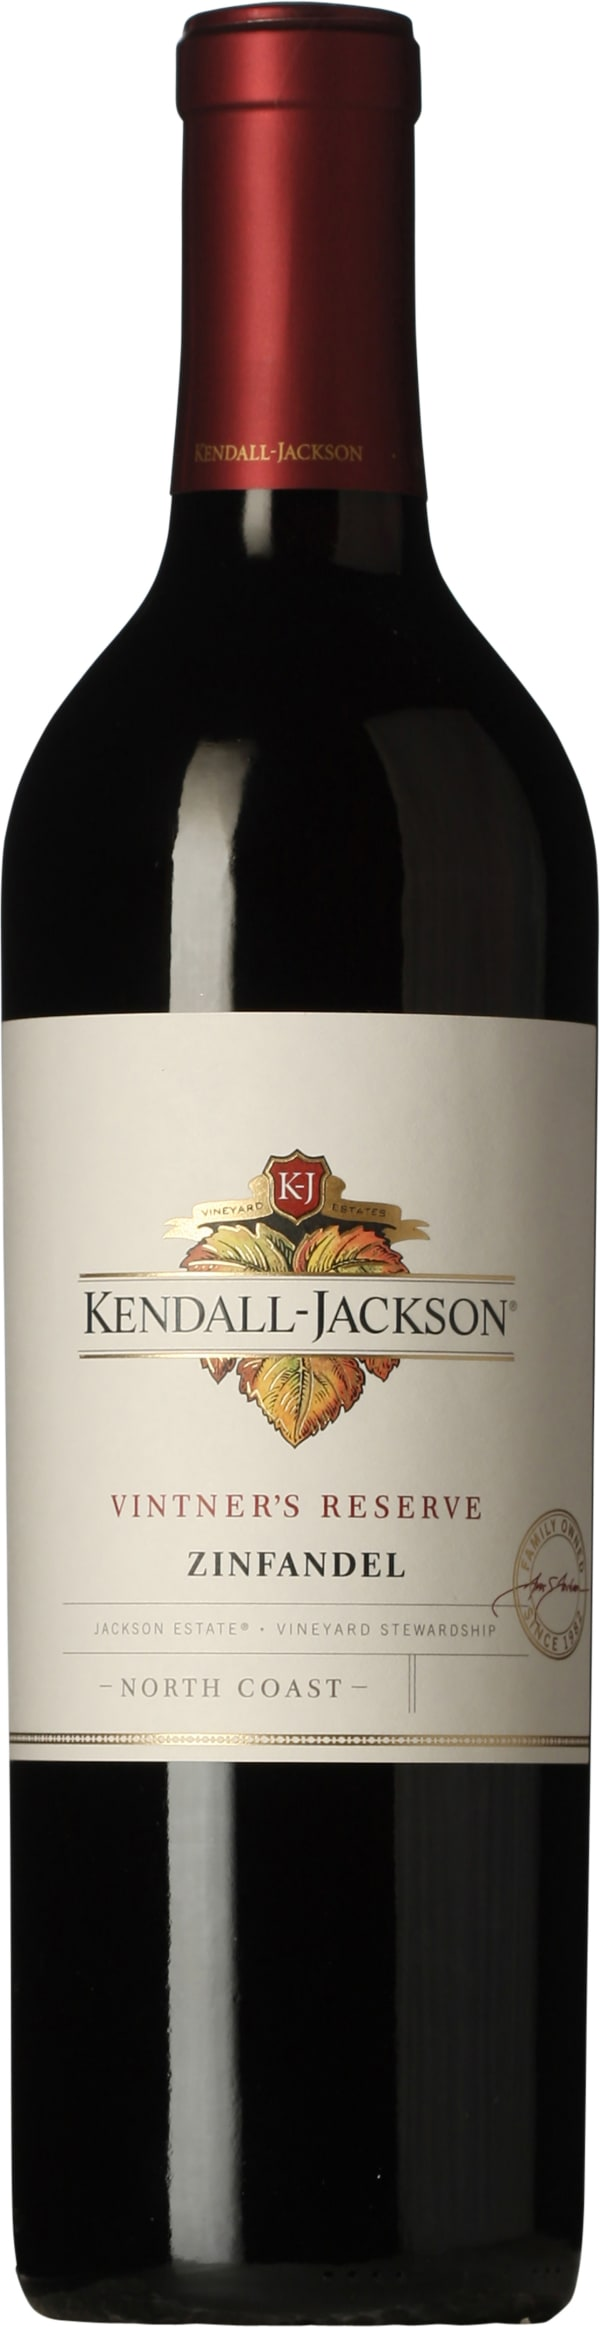 Kendall Jackson Vintners Reserve Zinfandel 2016